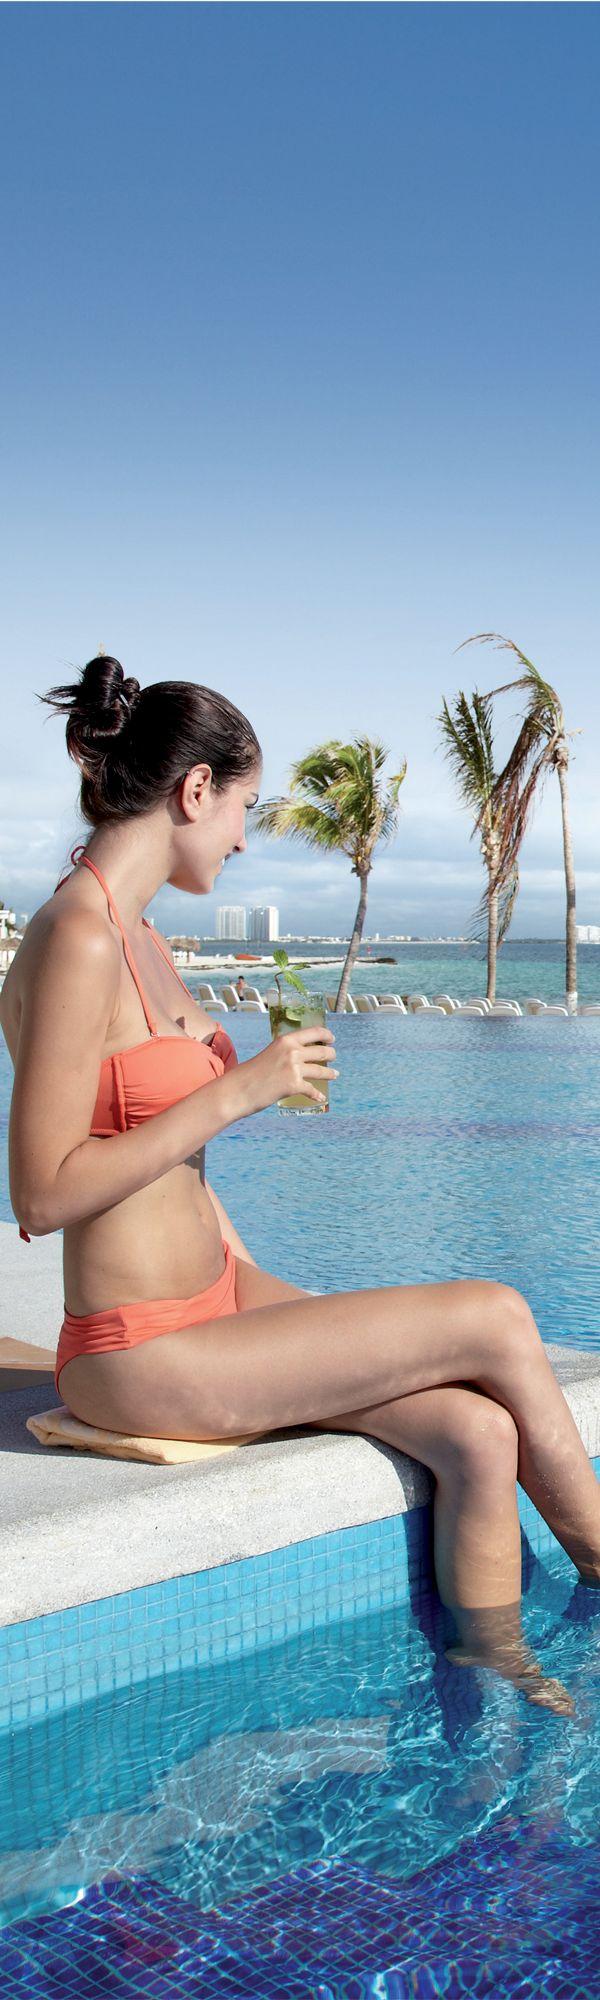 Cozumel beach bikinis